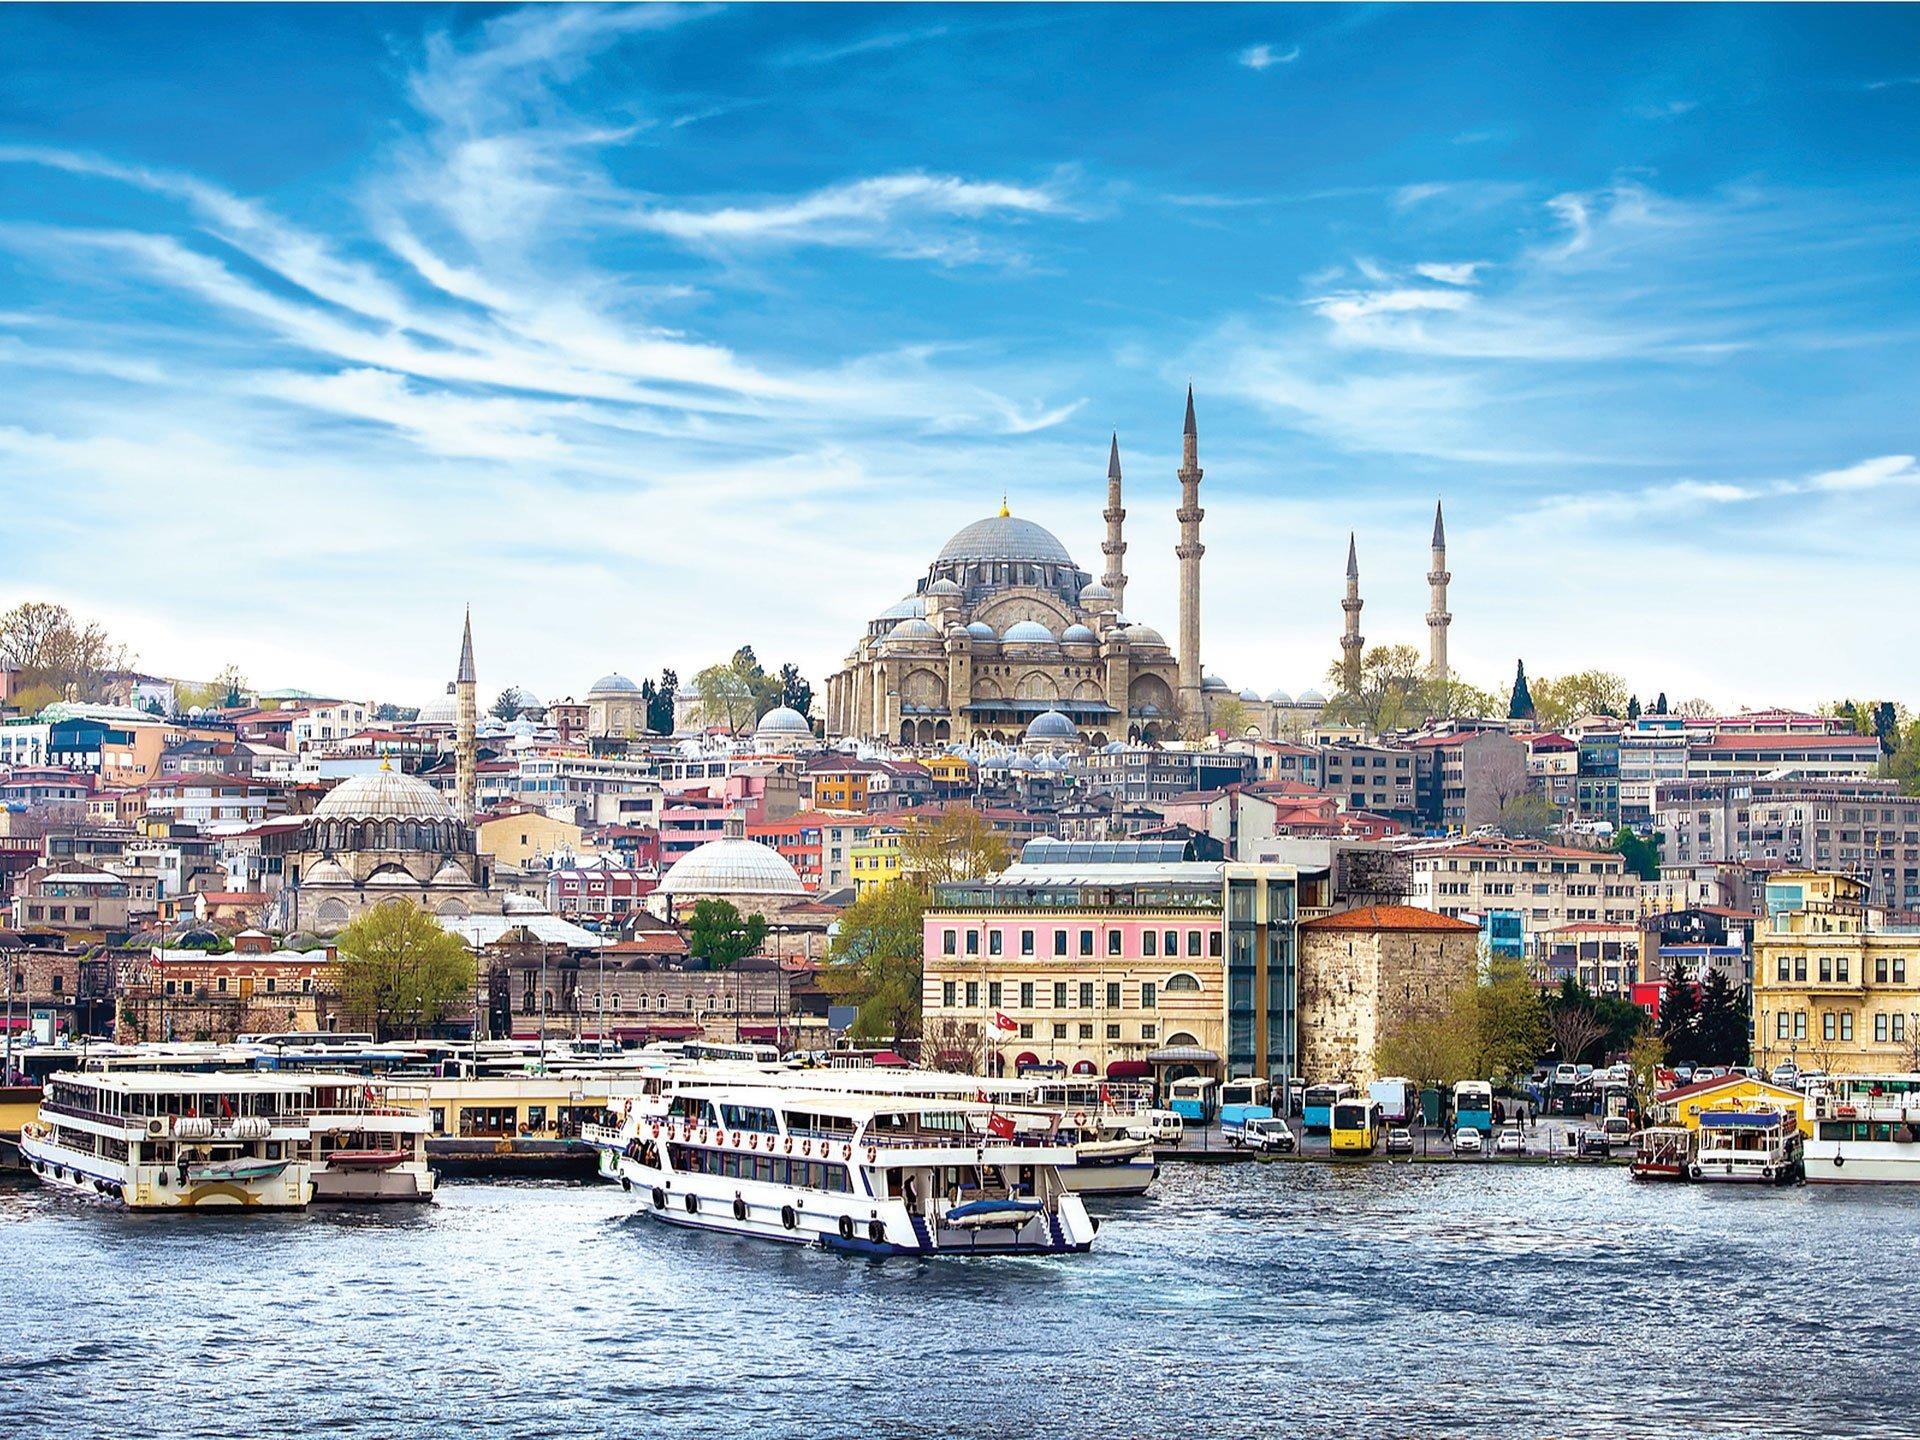 أفضل الدول السياحية للعوائل - تركيا